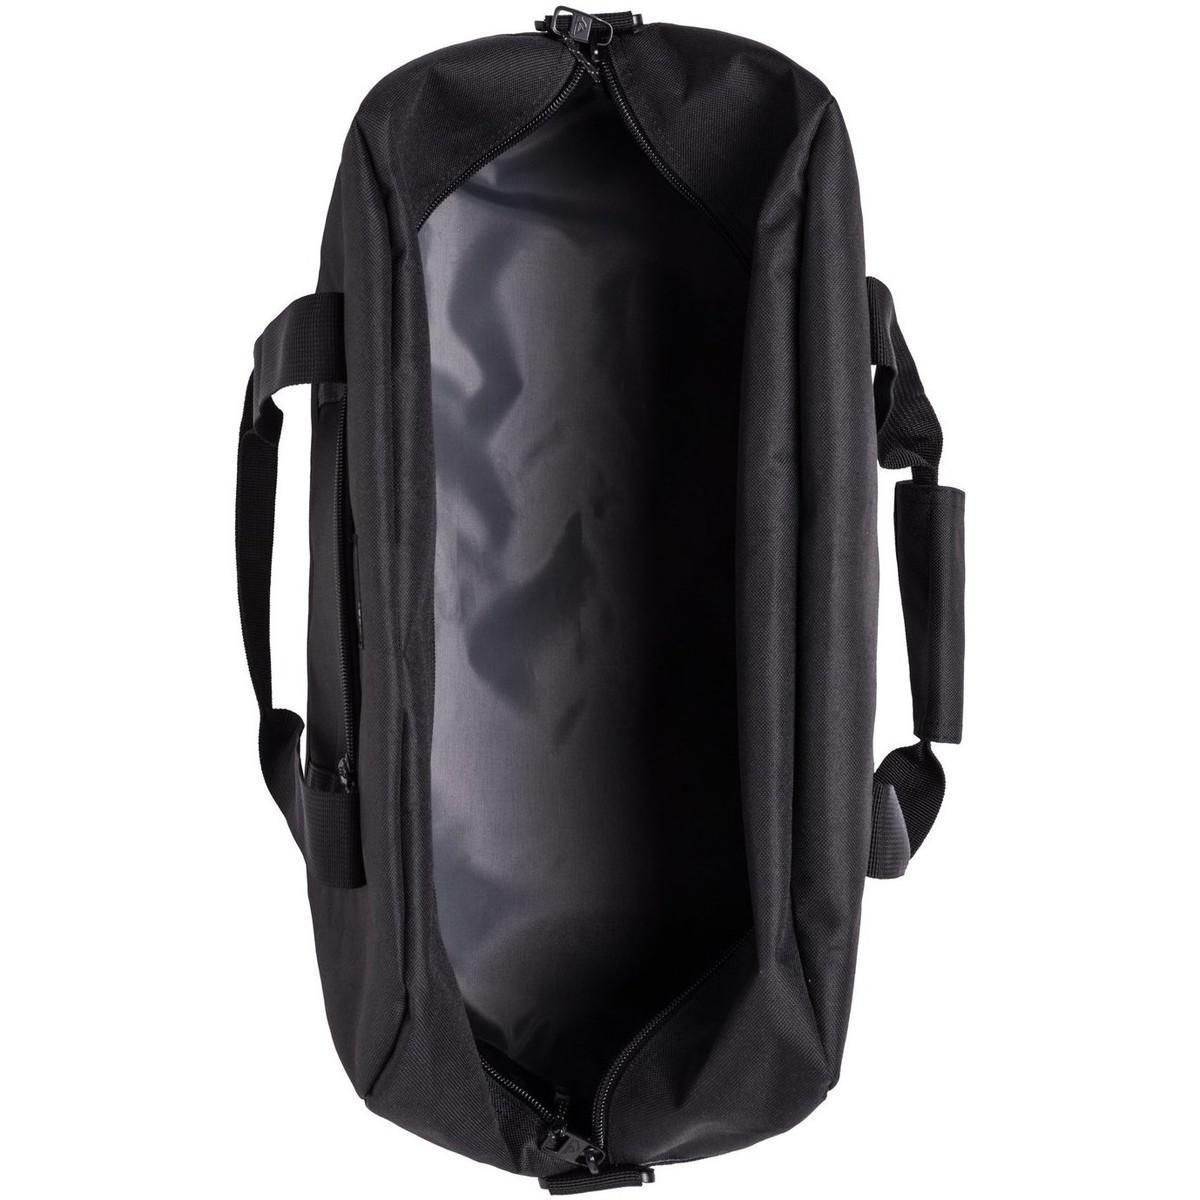 Quiksilver Small Shelter - Bolsa De Viaje Peque Men s Travel Bag In ... 087fbec1e6